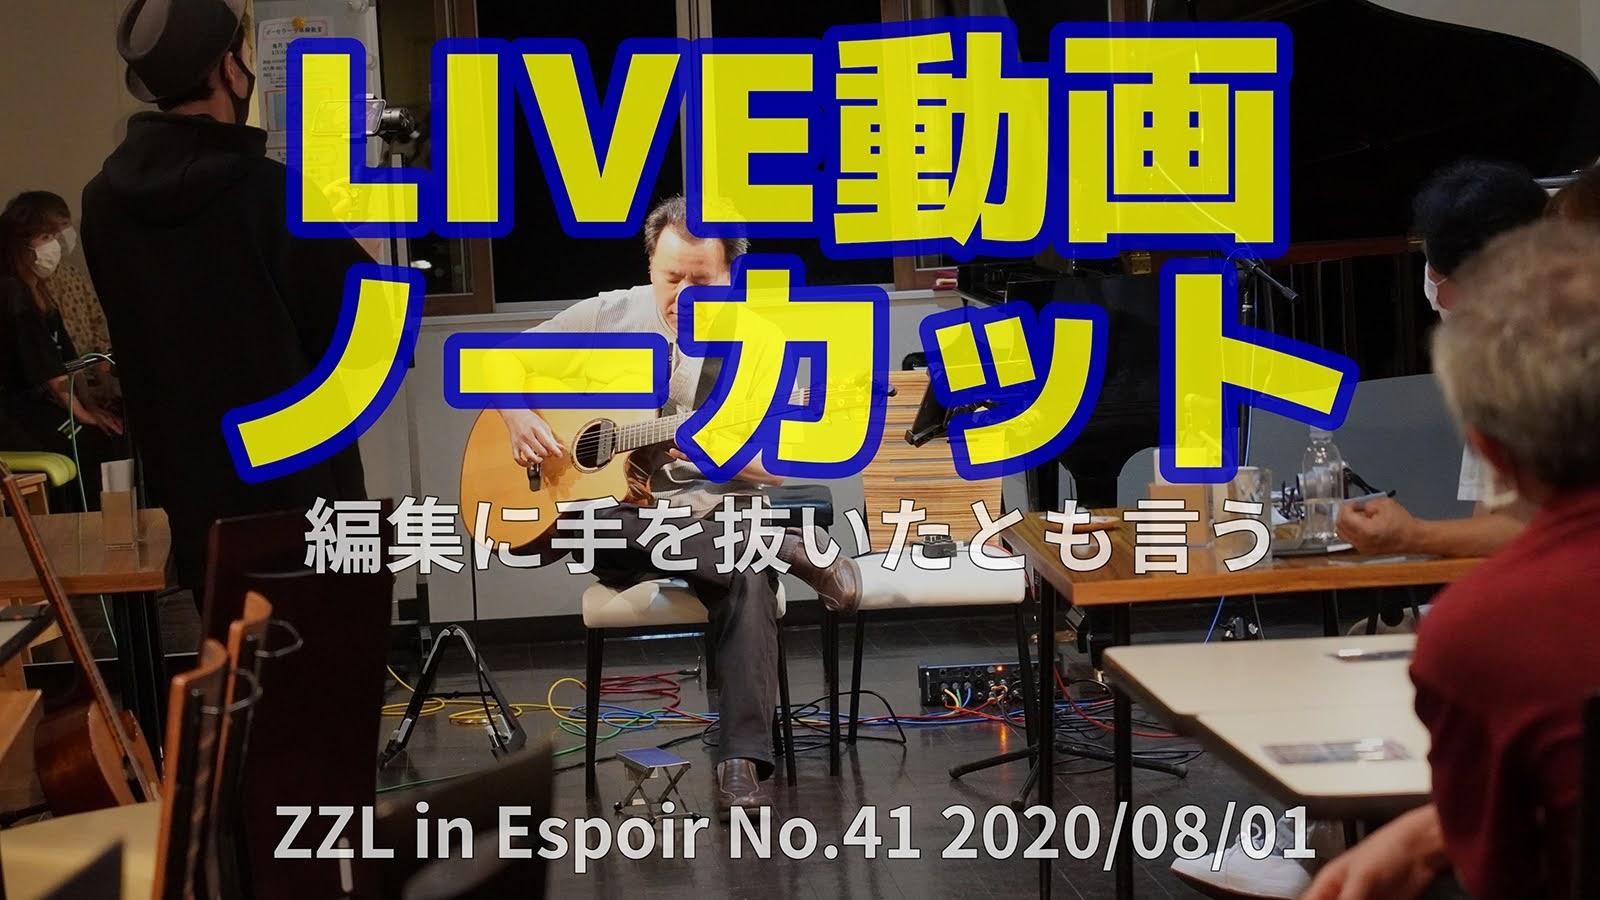 【LIVE動画ノーカット】ZZL in Espoir No.41【2020/08/01】